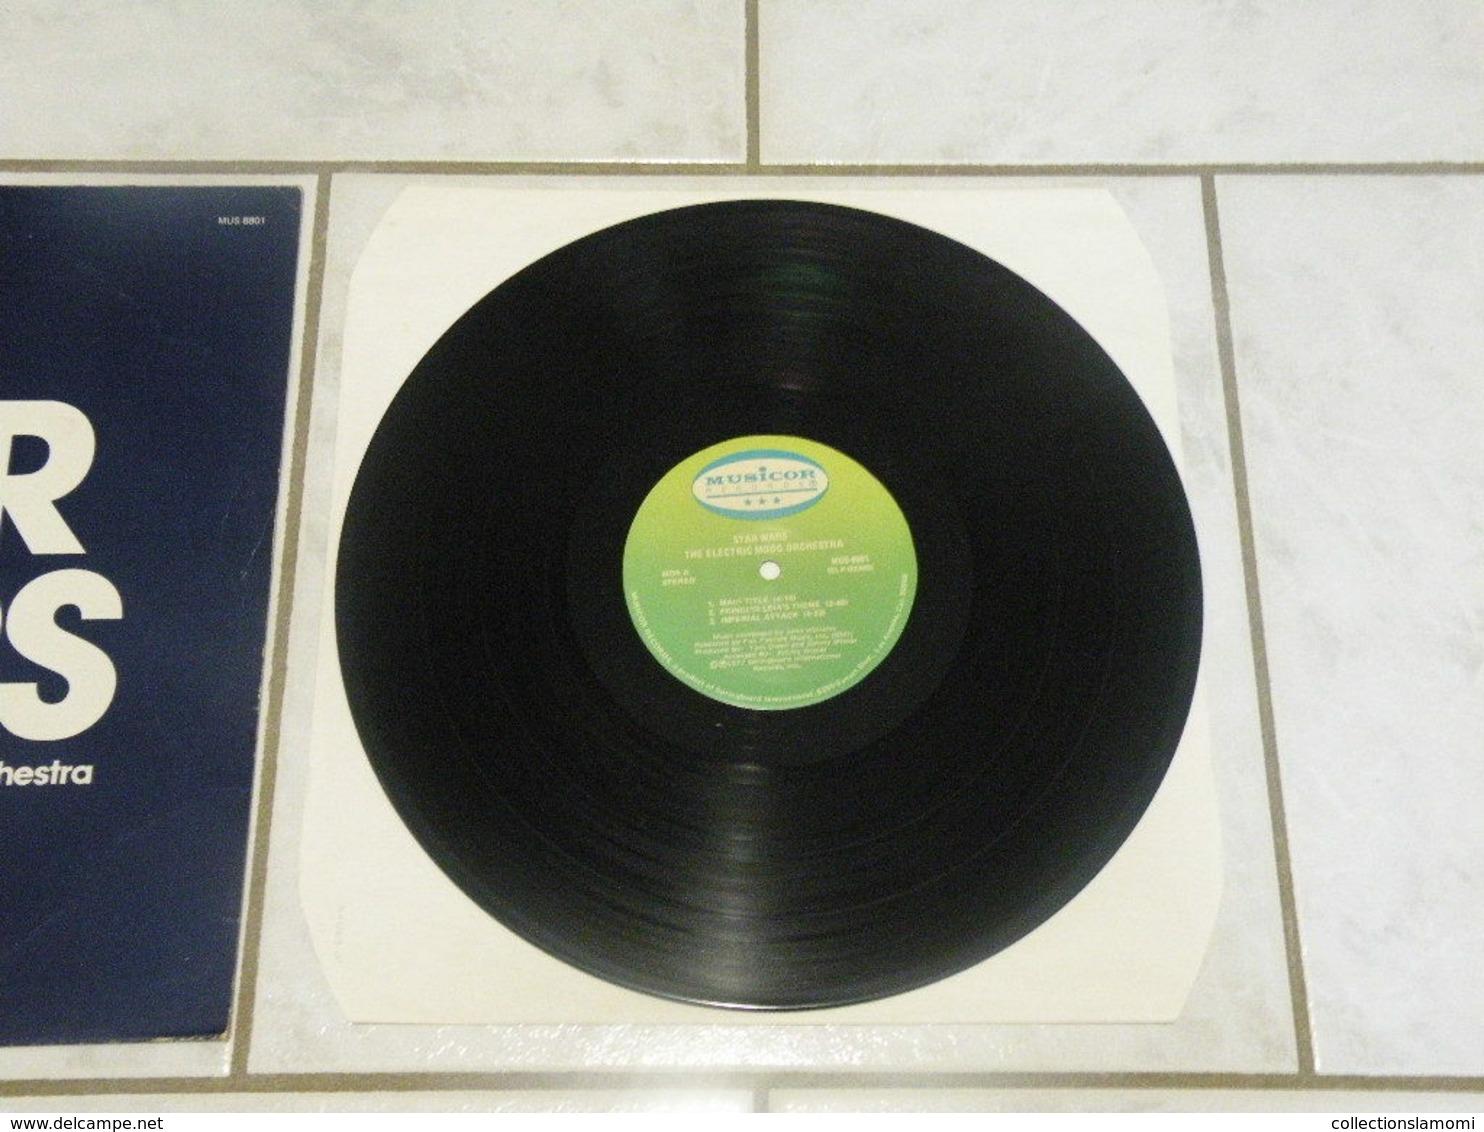 Star Wars -(Titres Sur Photos)- Vinyle 33 T LP Album US 1977 The Electric Moog Orchestra - Soundtracks, Film Music